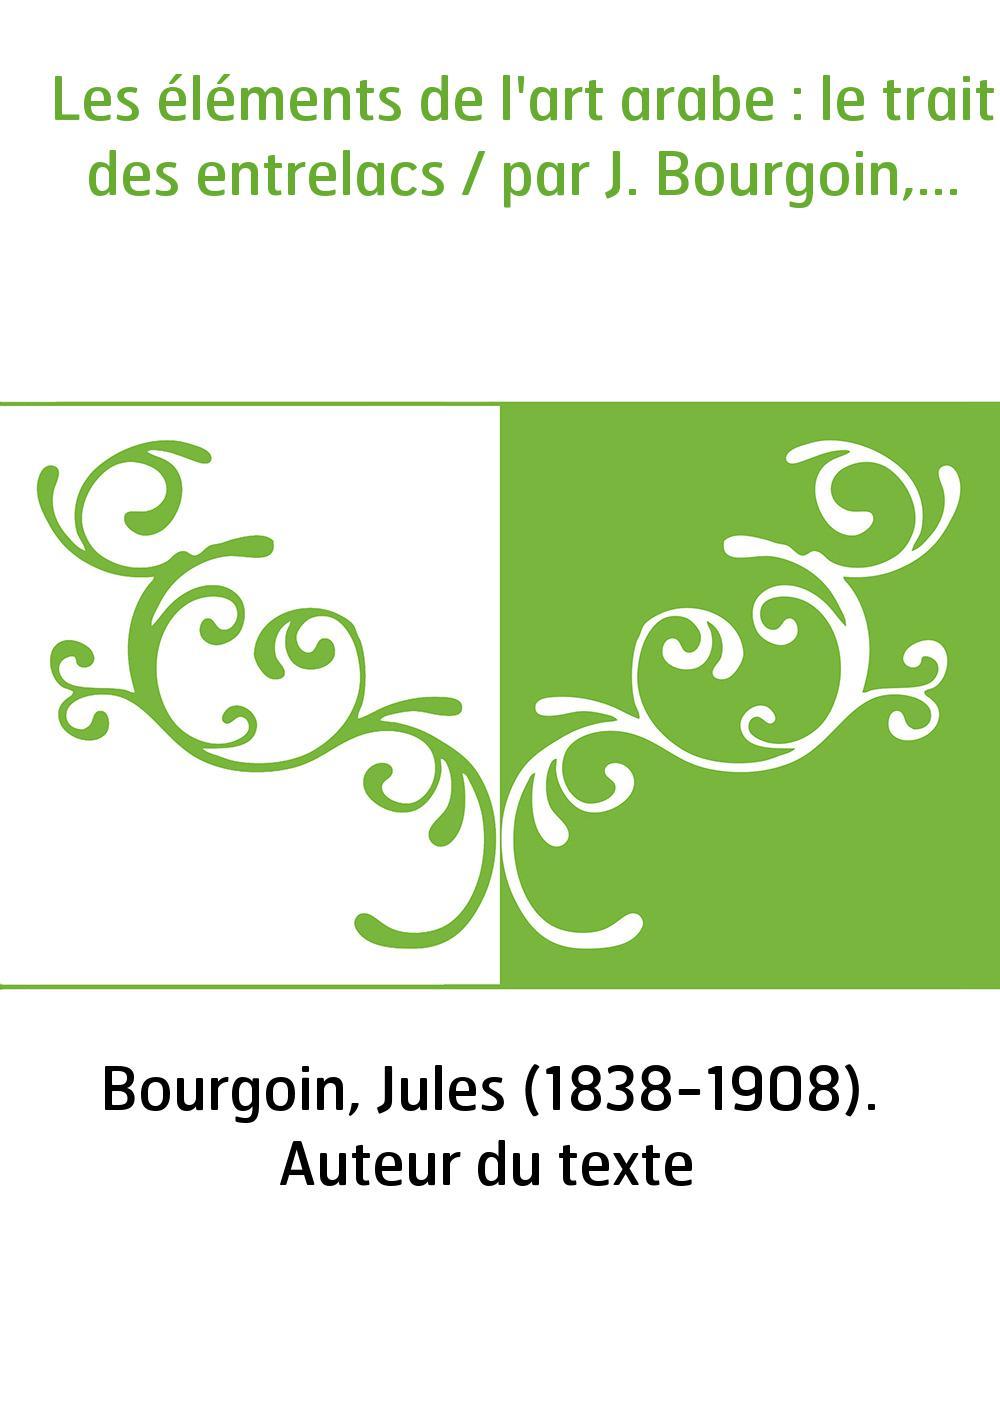 Les éléments de l'art arabe : le trait des entrelacs / par J. Bourgoin,...